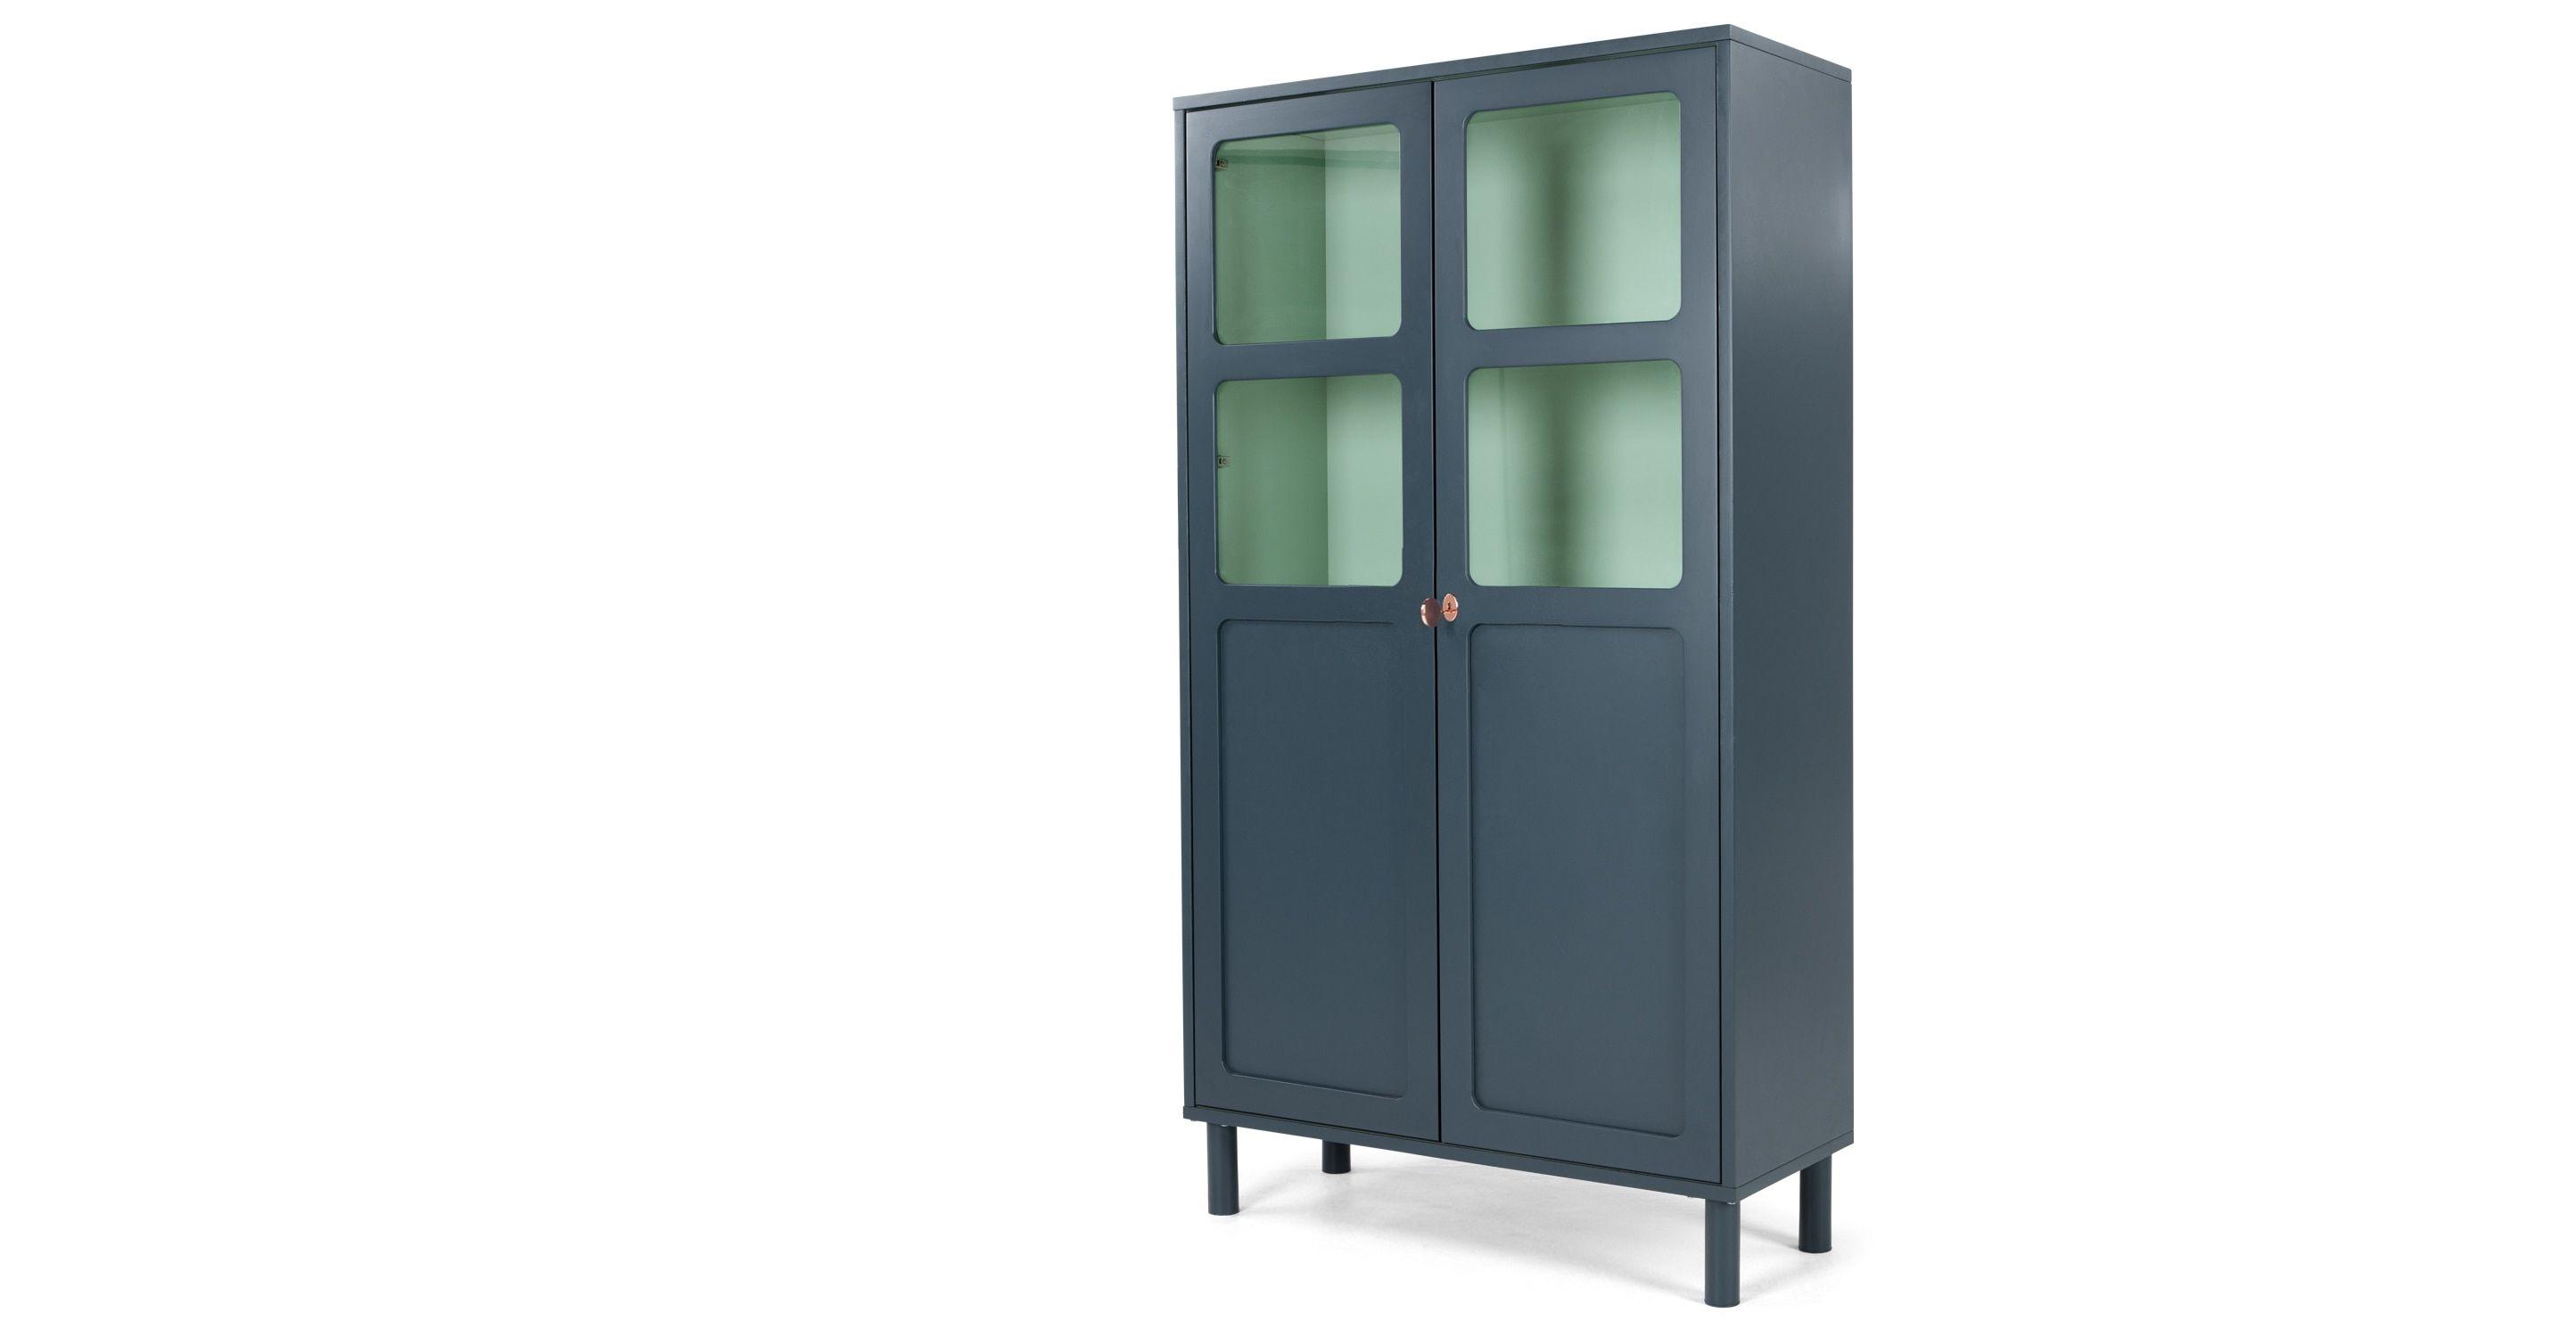 Wohnzimmer Wandschrank ~ Sideboard altura moving sideboards kommoden wohnzimmer